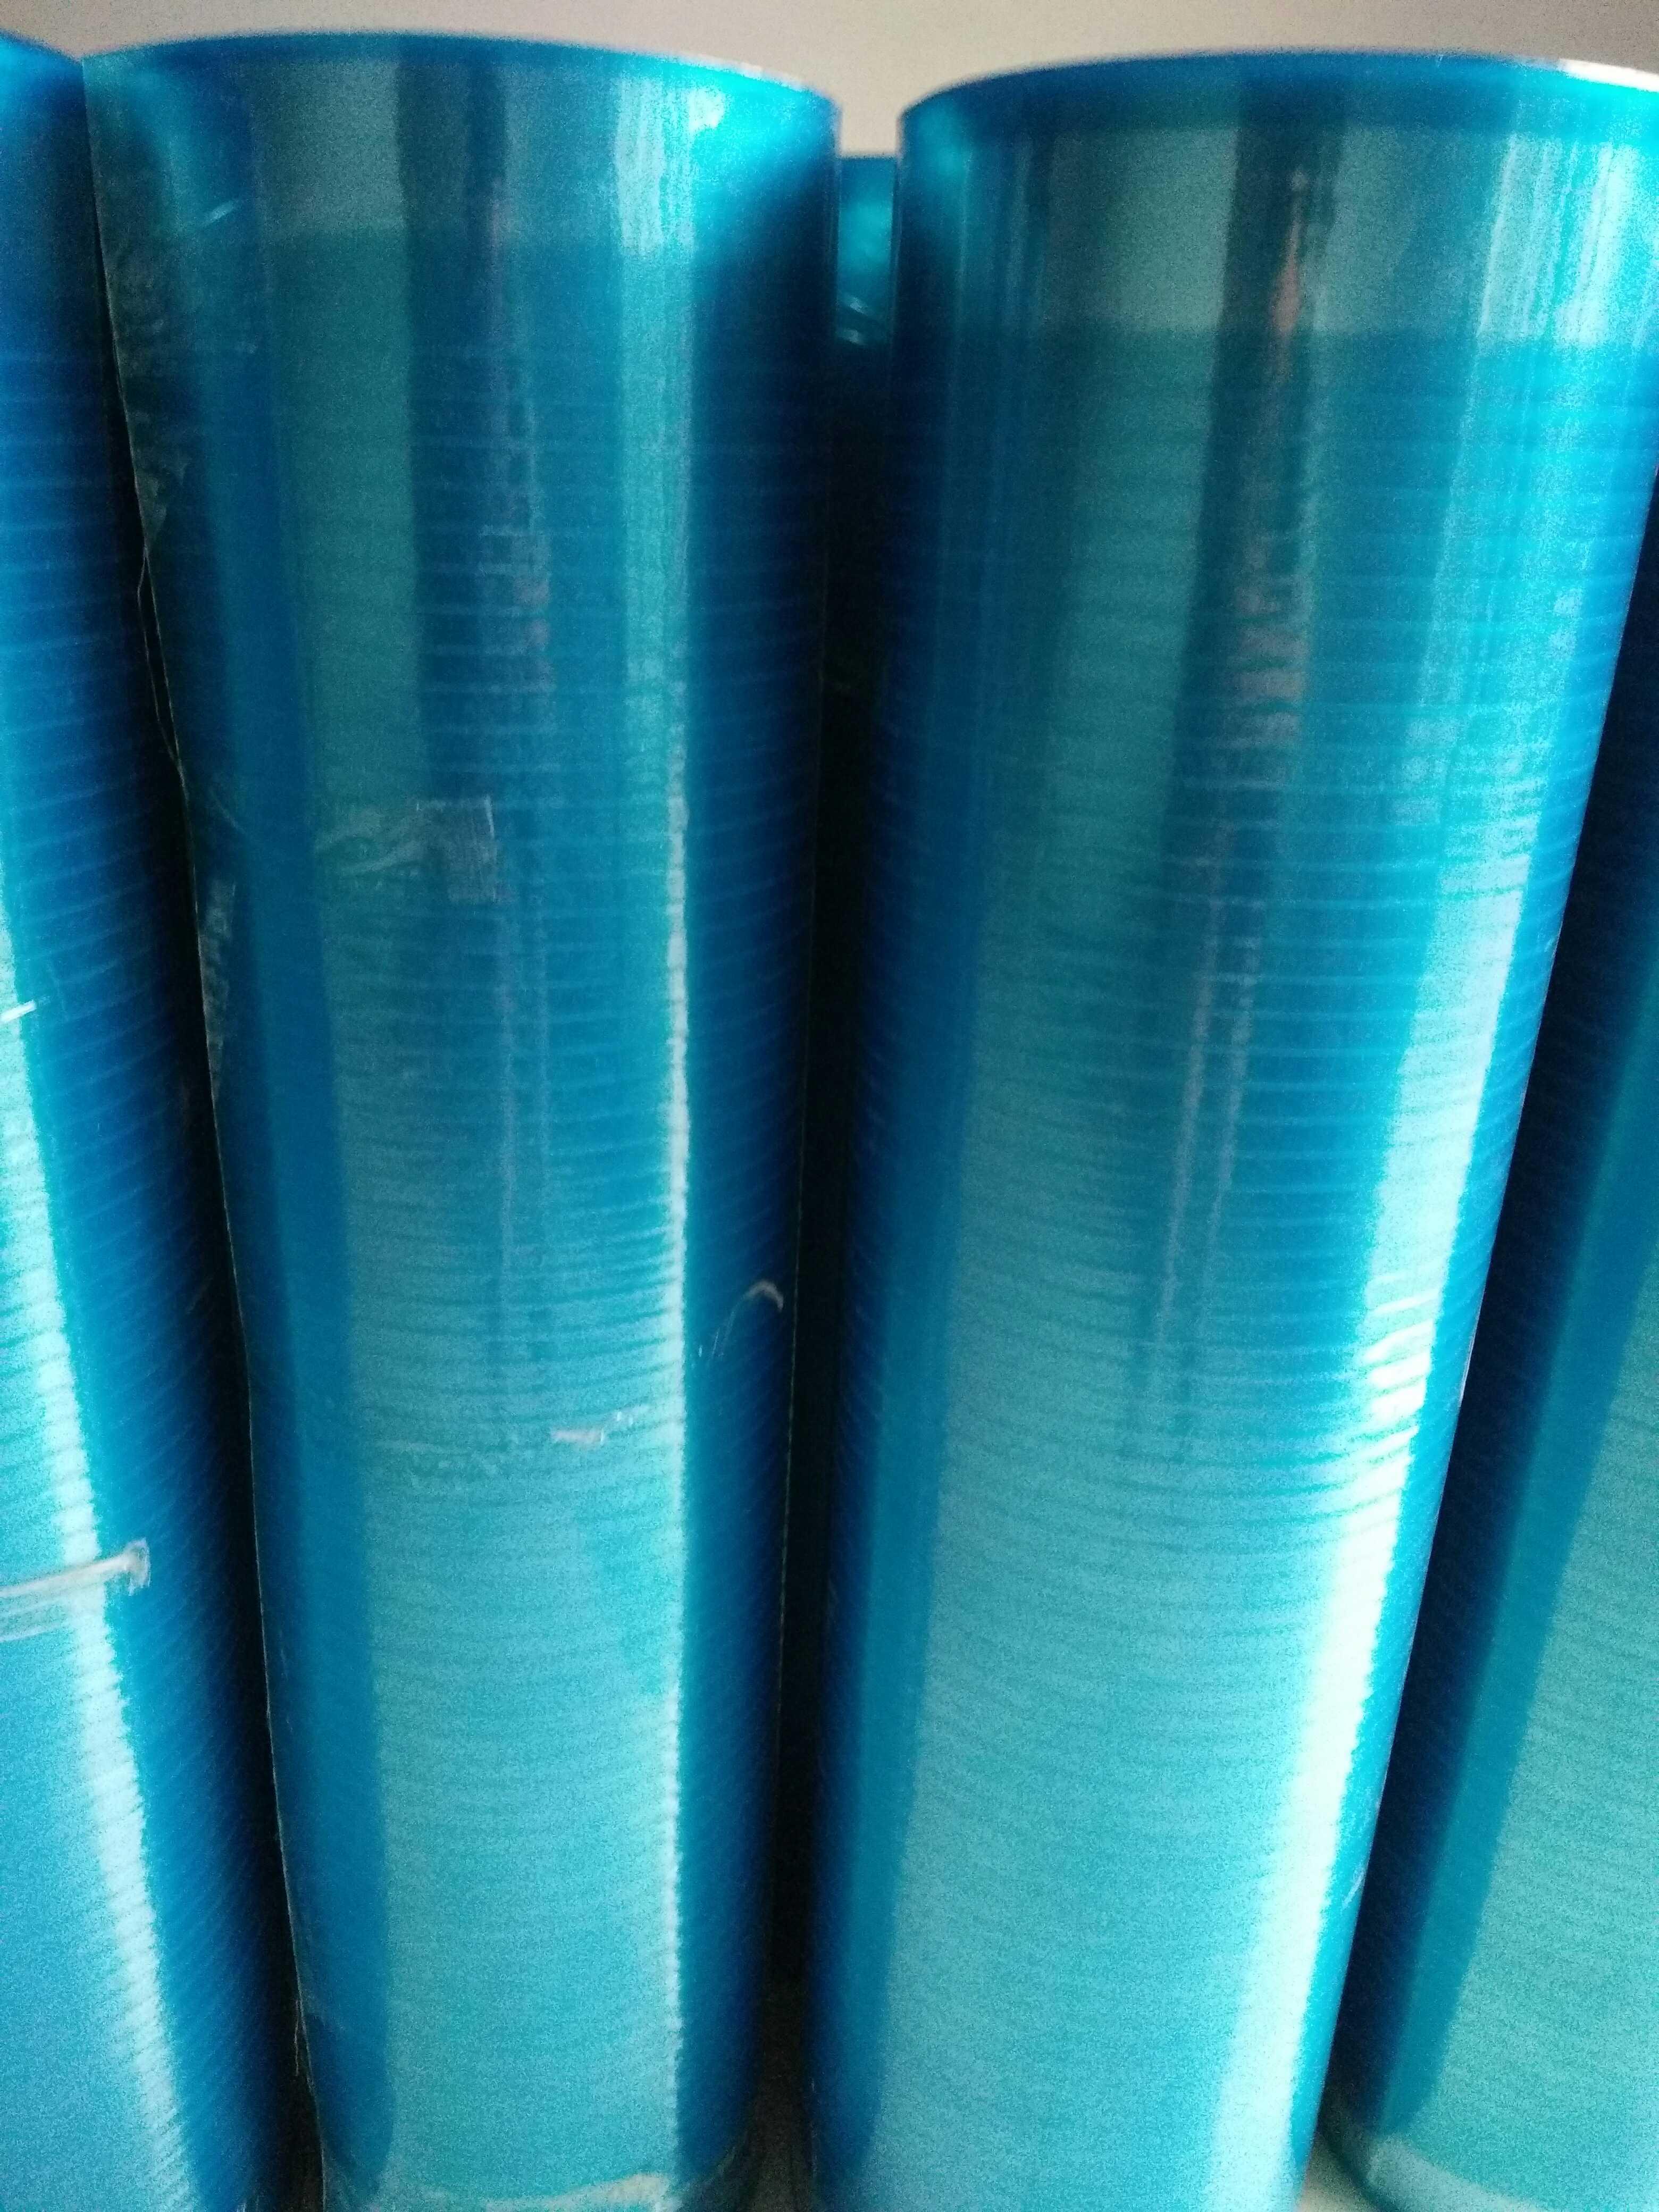 1.2 метров в ширину. солнечный свет доска стекло прозрачный плитка солнечный свет яркий плитка навес коллекция анти-бликовый дождь доска пластик сопротивление горячей строить лесоматериалы